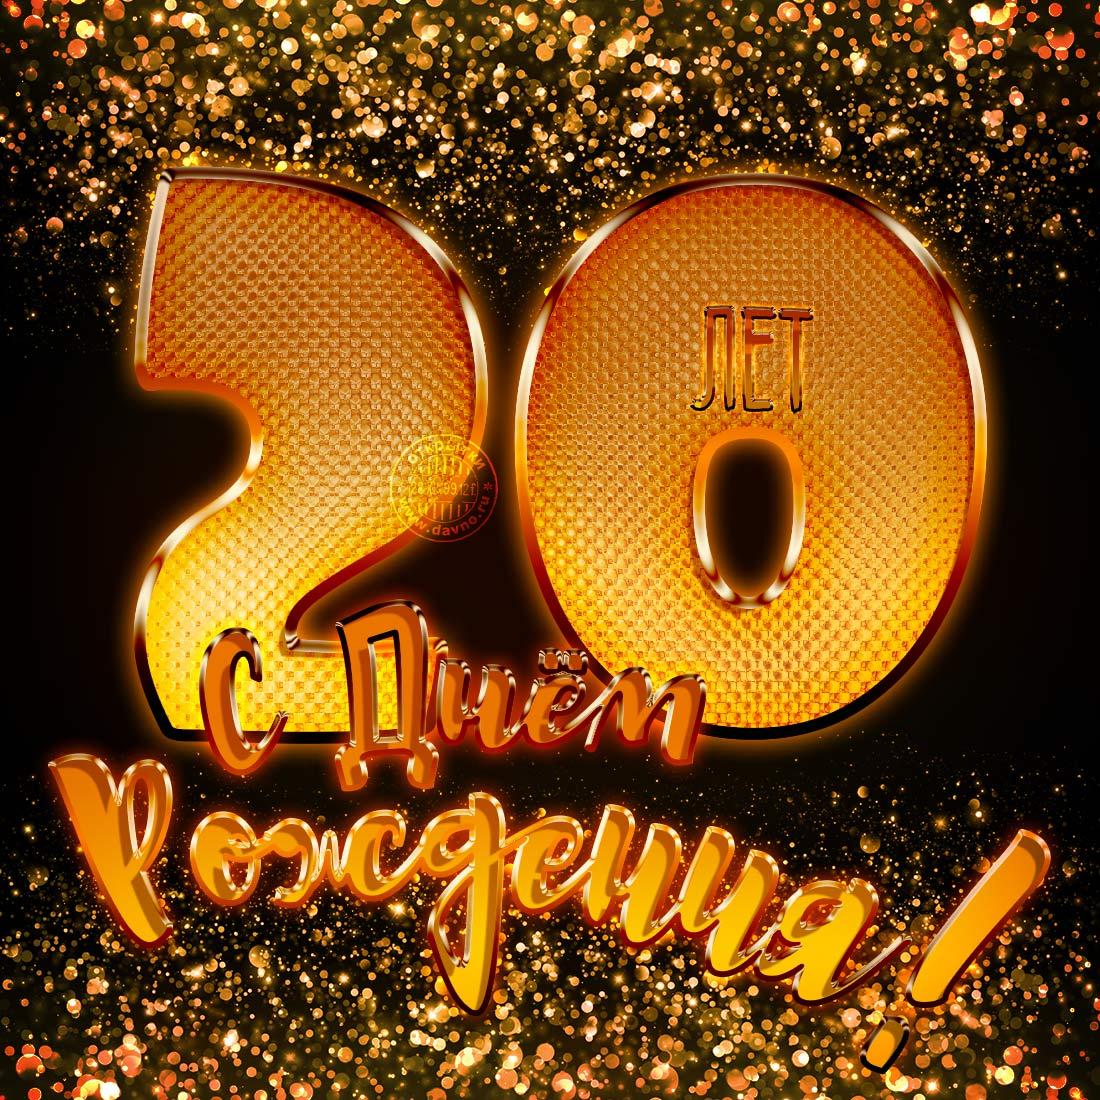 Поздравления с днем рождения в стихах красивые 20 лет